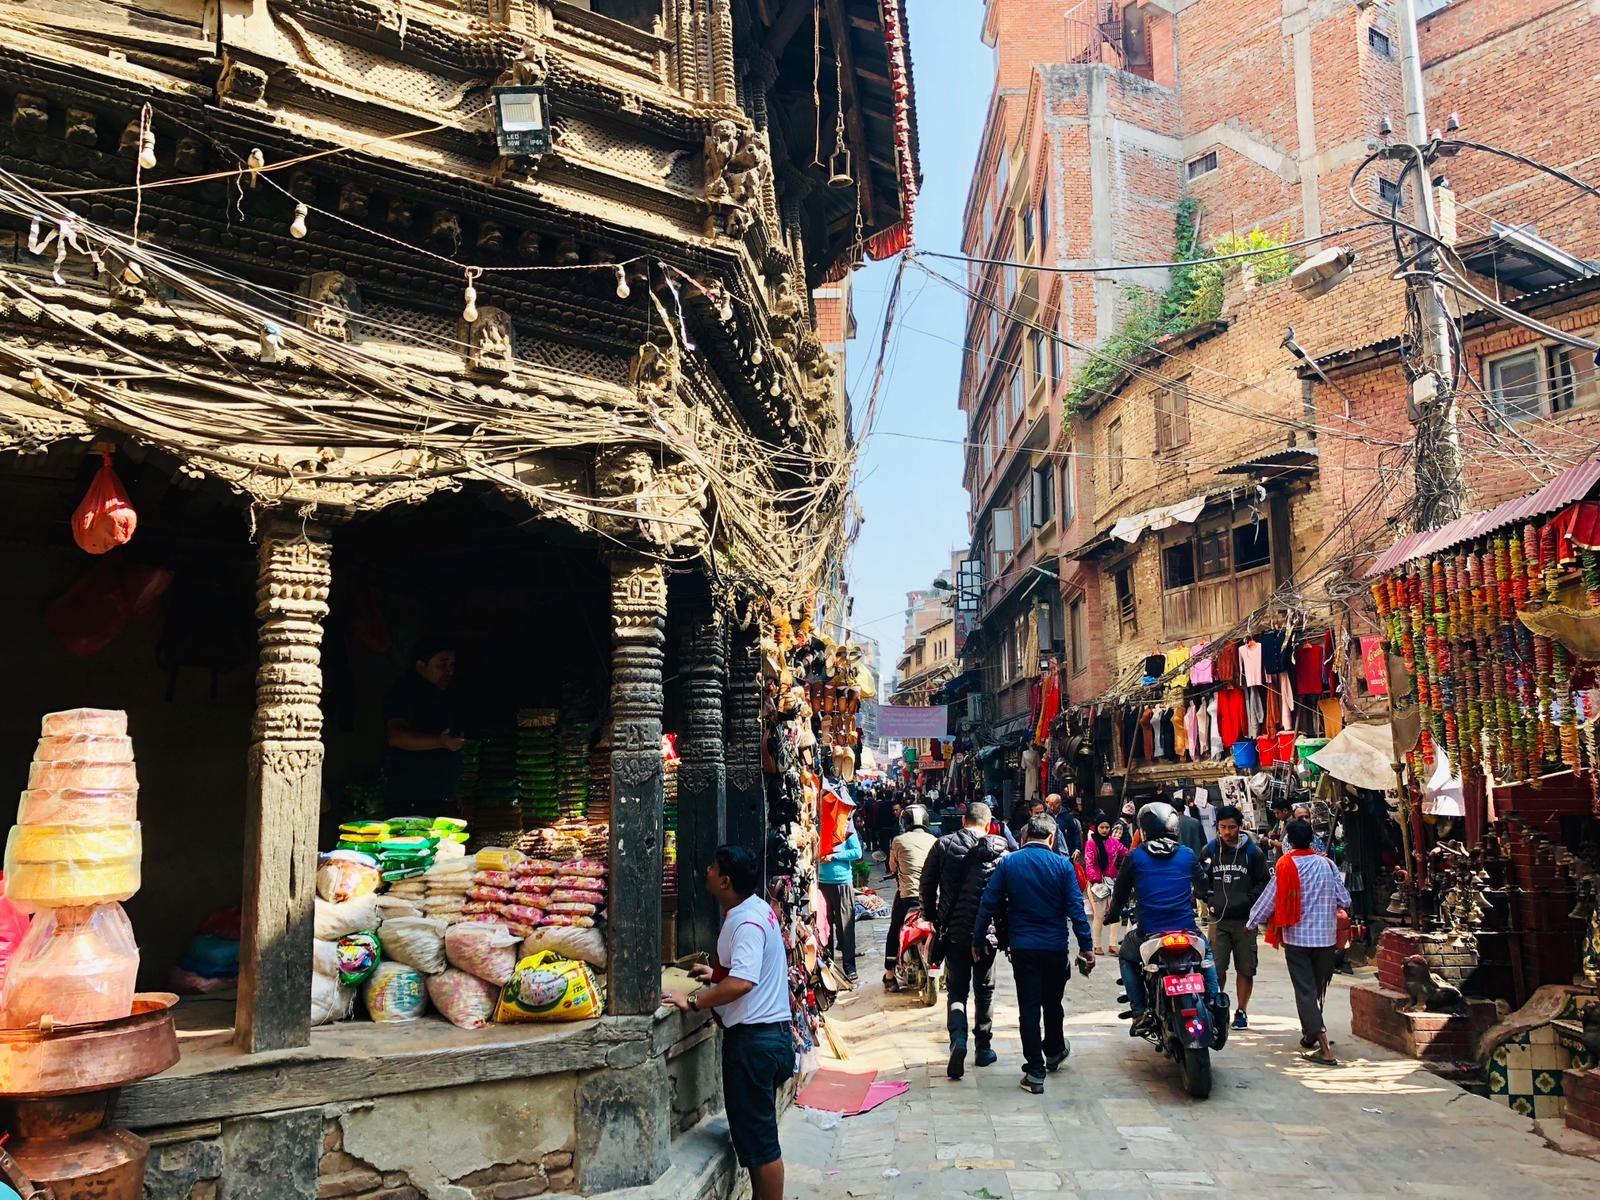 viaggio-in-nepal-018077b56a34a75f35e3e27